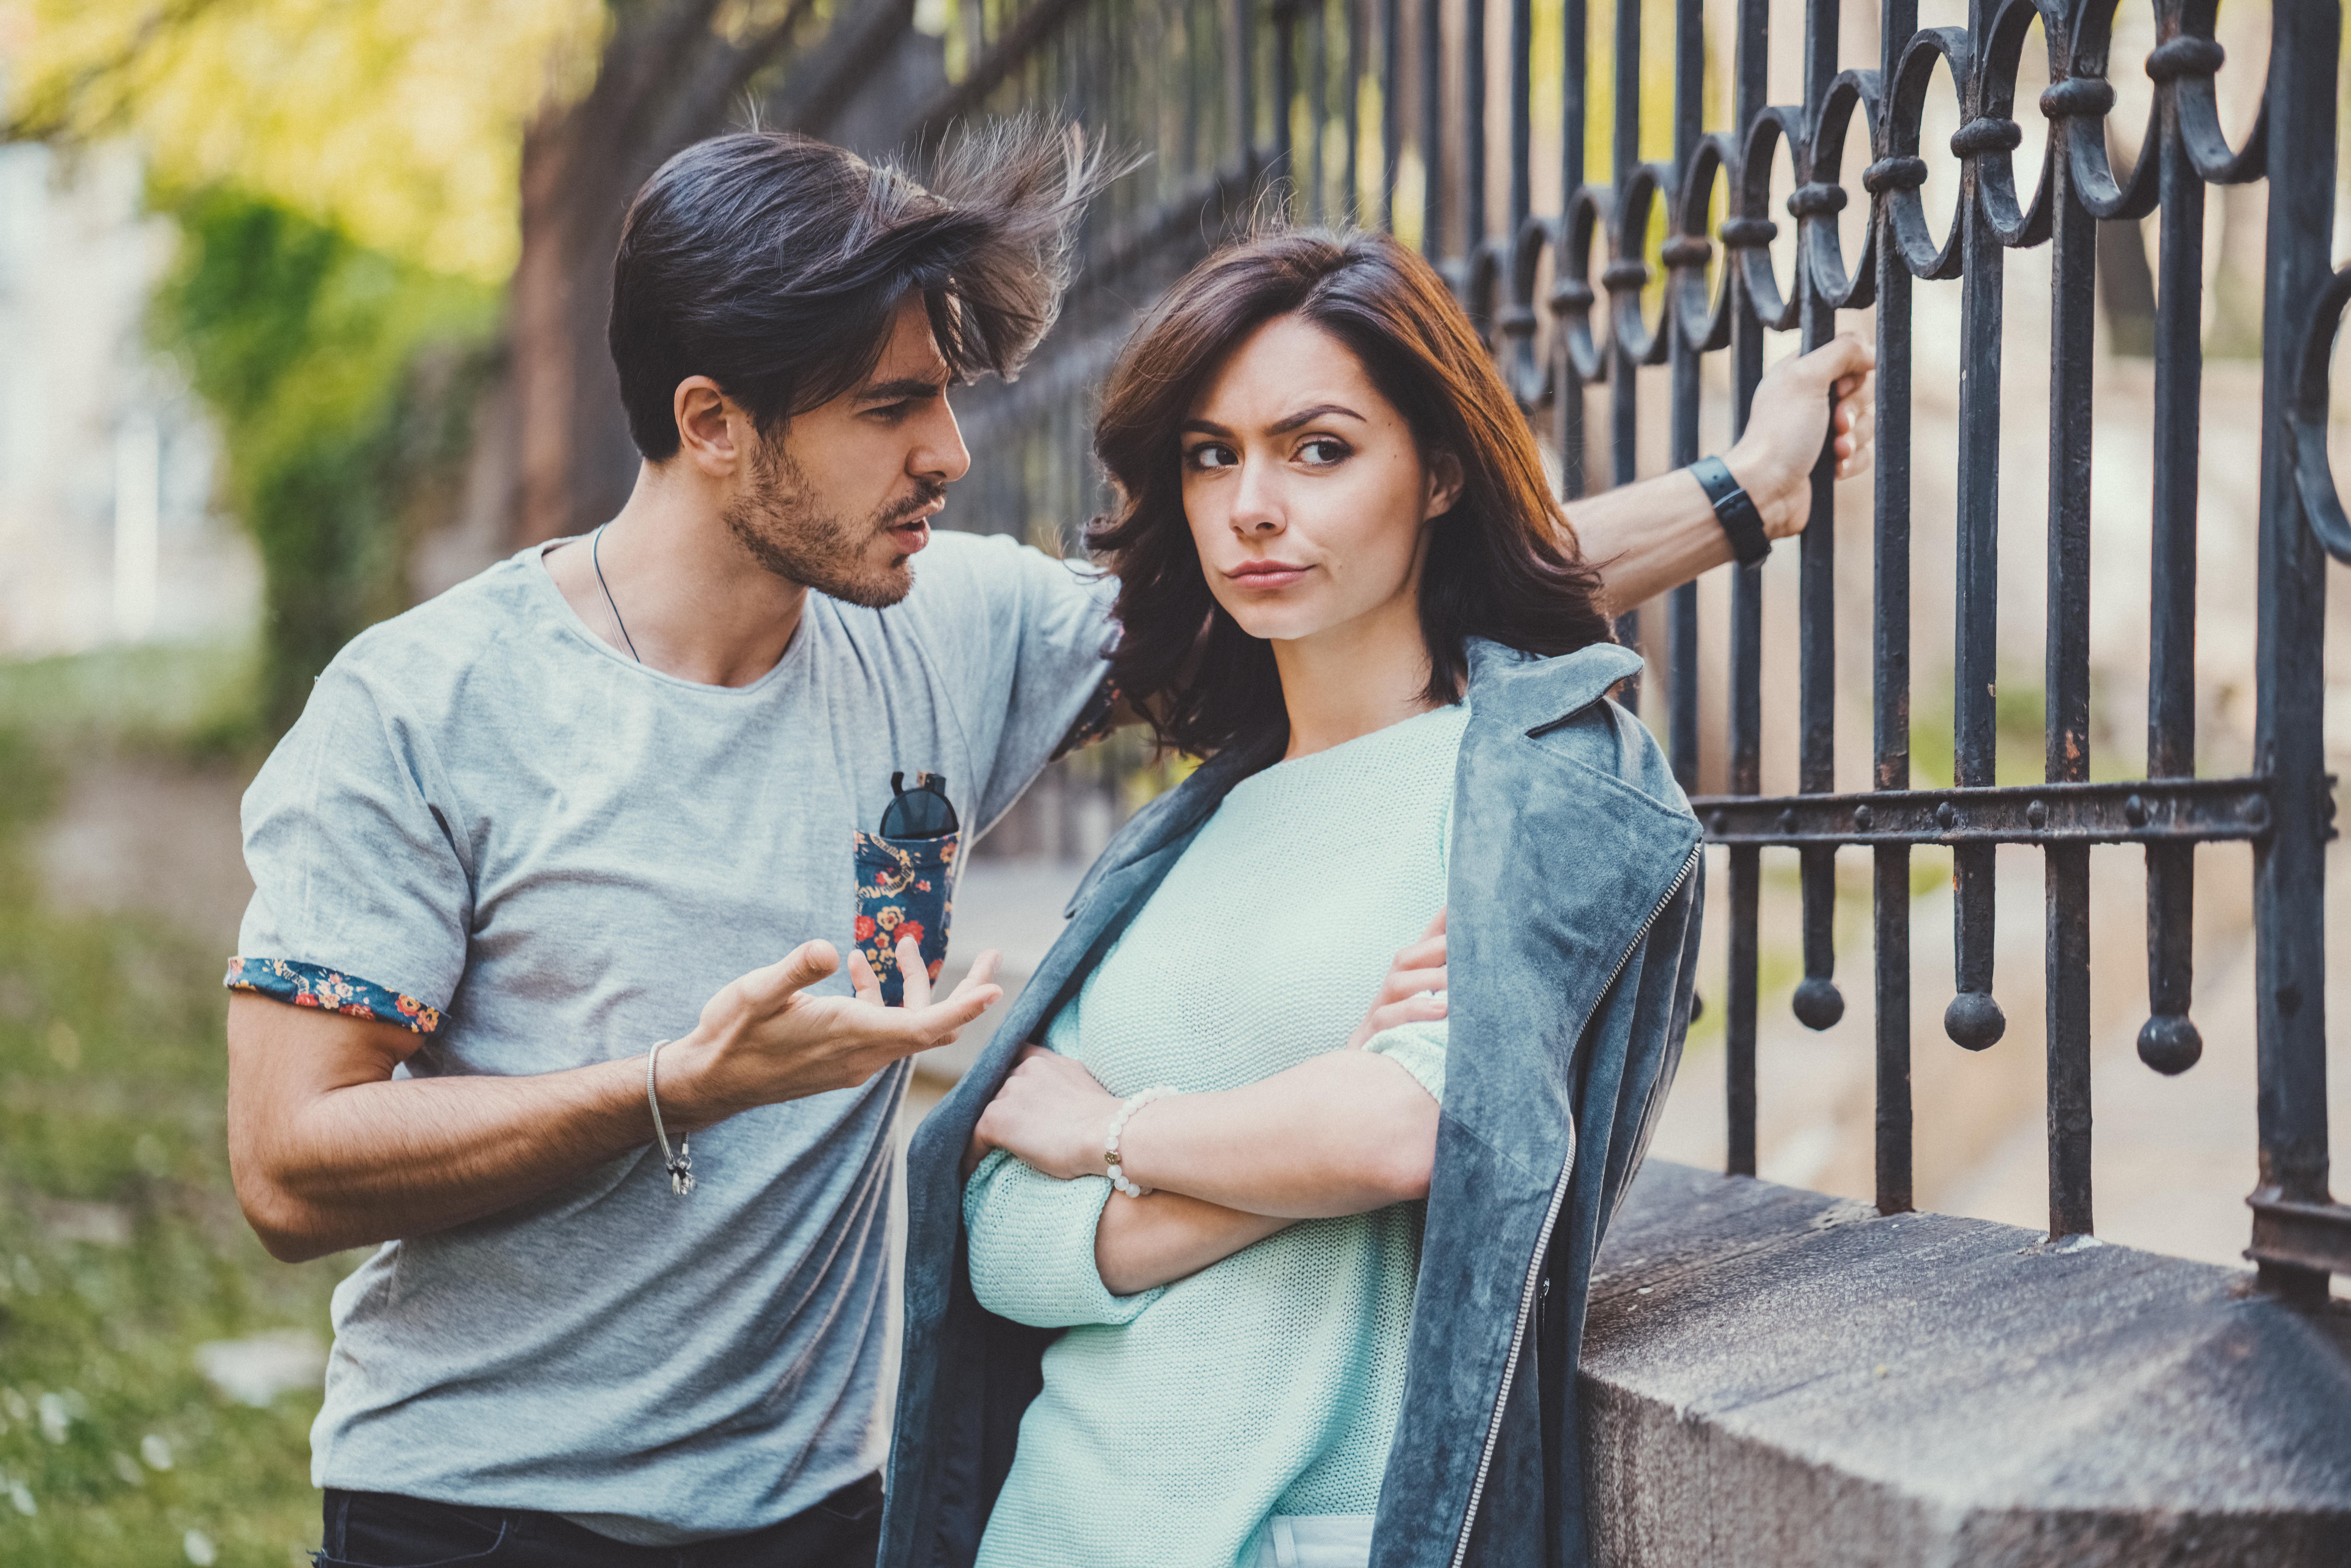 <p><strong>Мъжете, които не могат да се обвързват&nbsp;</strong>- ето тук трябва да осъзнаеш колко струваш и да не позволиш да бъдеш с мъж, който никога няма да е изцяло отдаден само на теб в любовно отношение. Ако той не е съгласен да има сериозна и моногамна връзка с теб, то ти нямаш работа с такъв човек.</p>